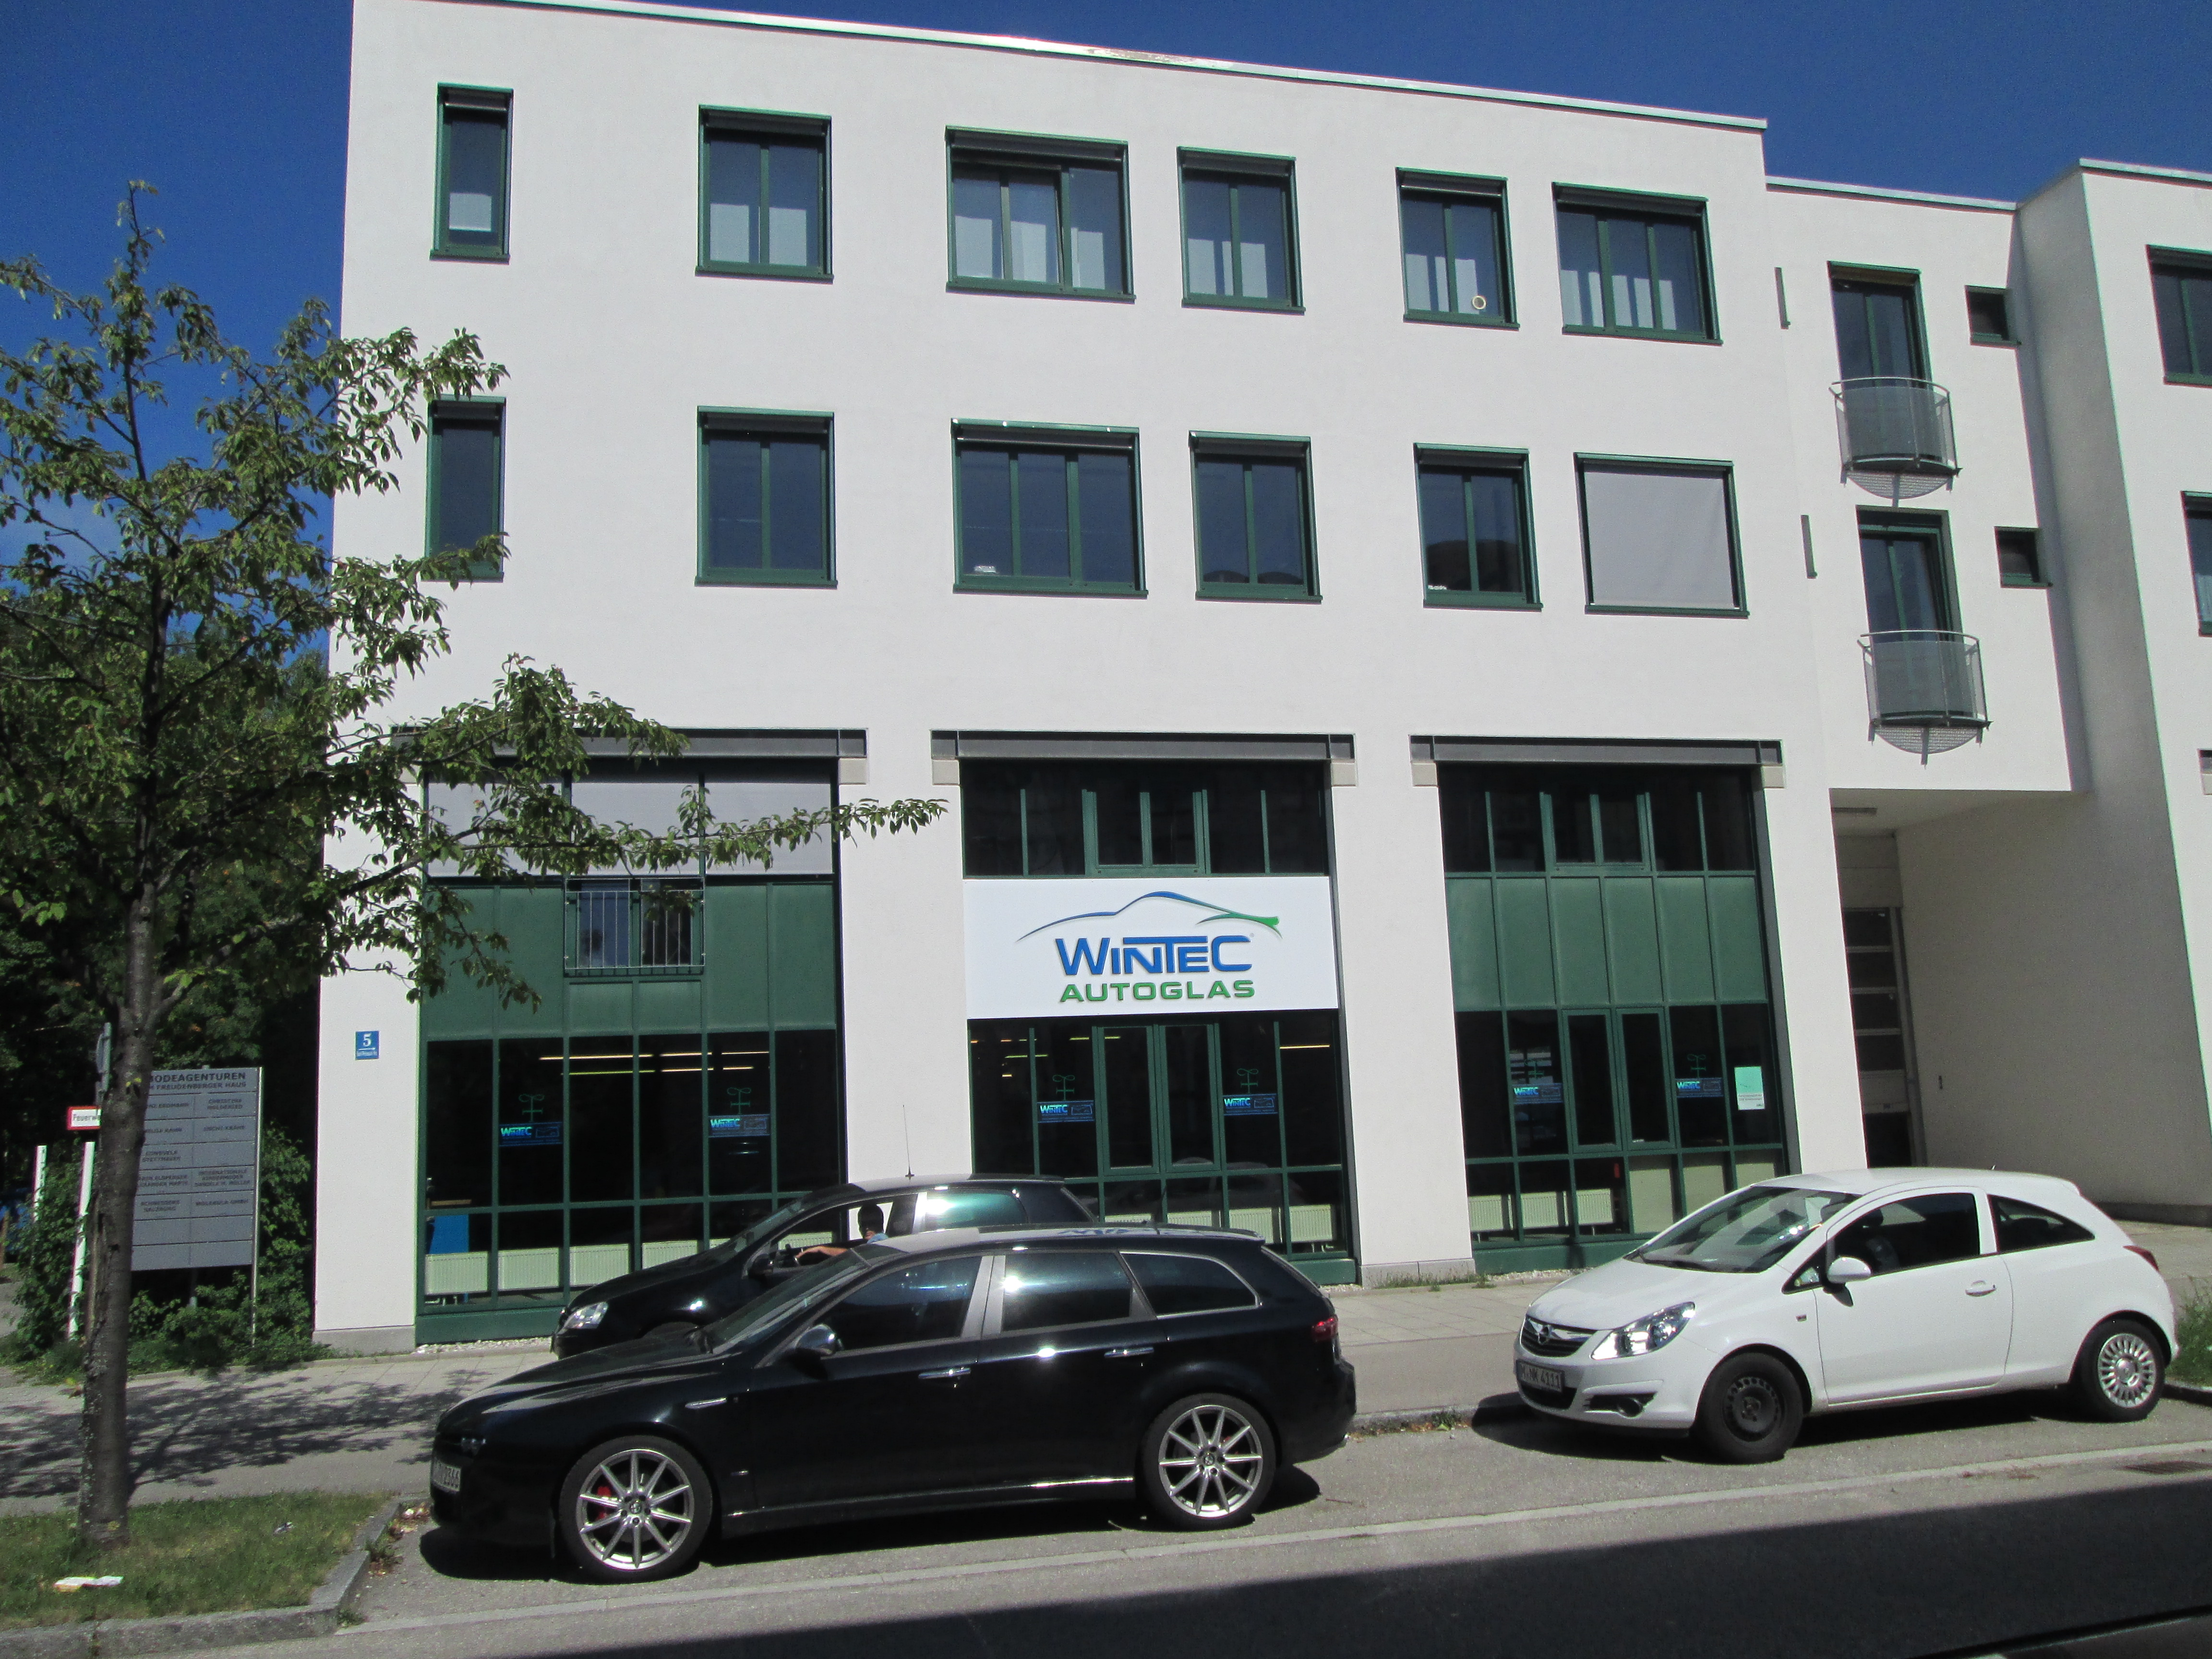 Wintec Autoglas Freudenberger Autoglas GmbH